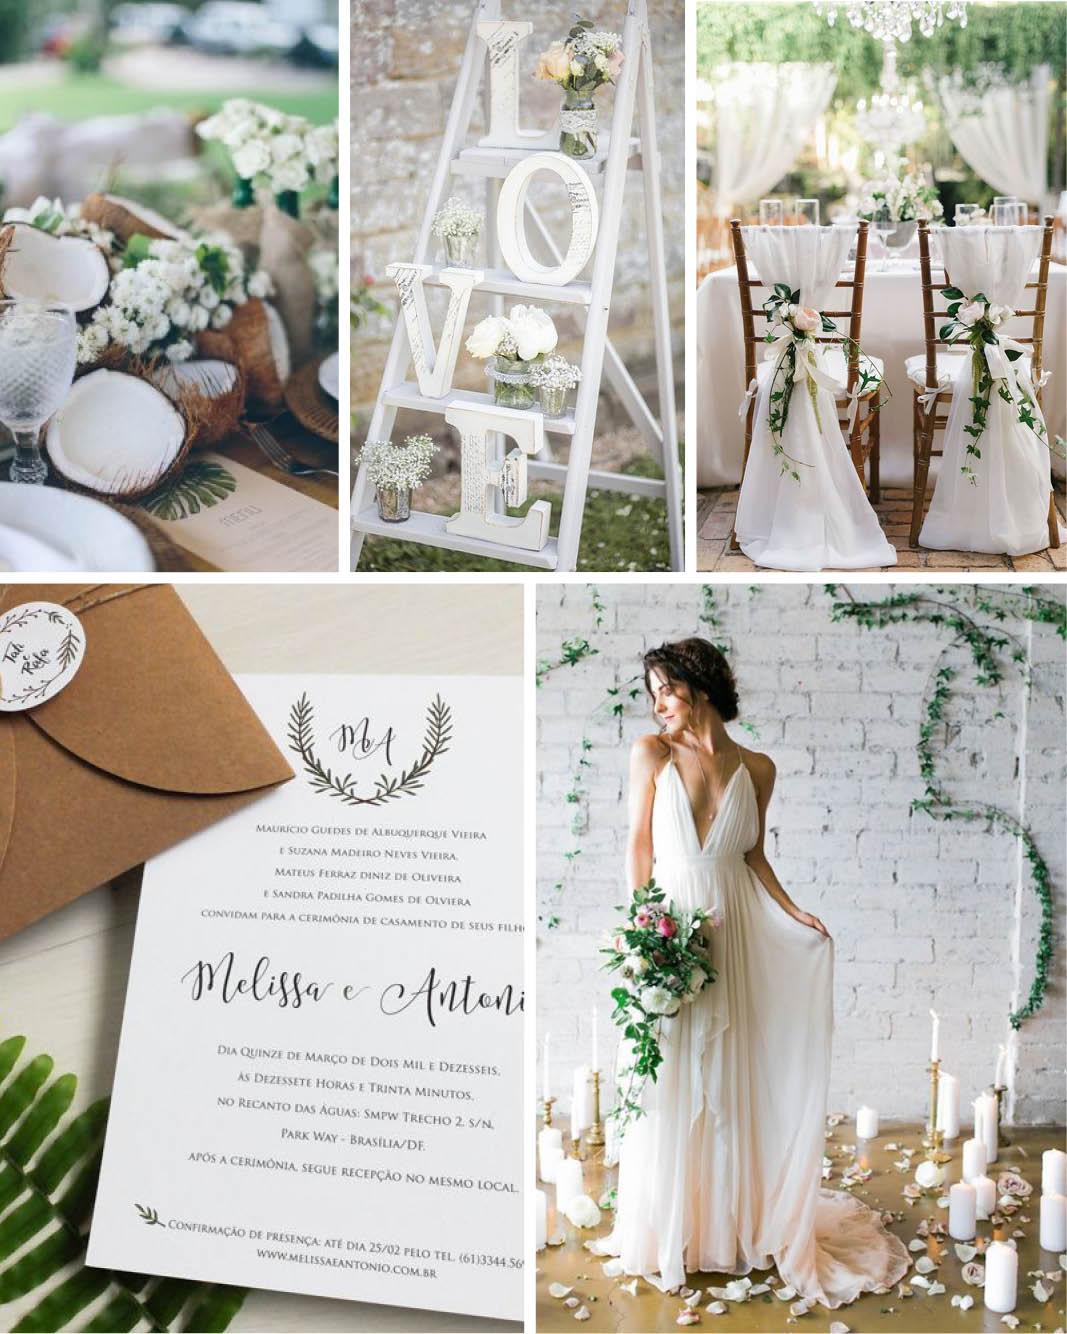 Decoração de casamento O significado das cores branco